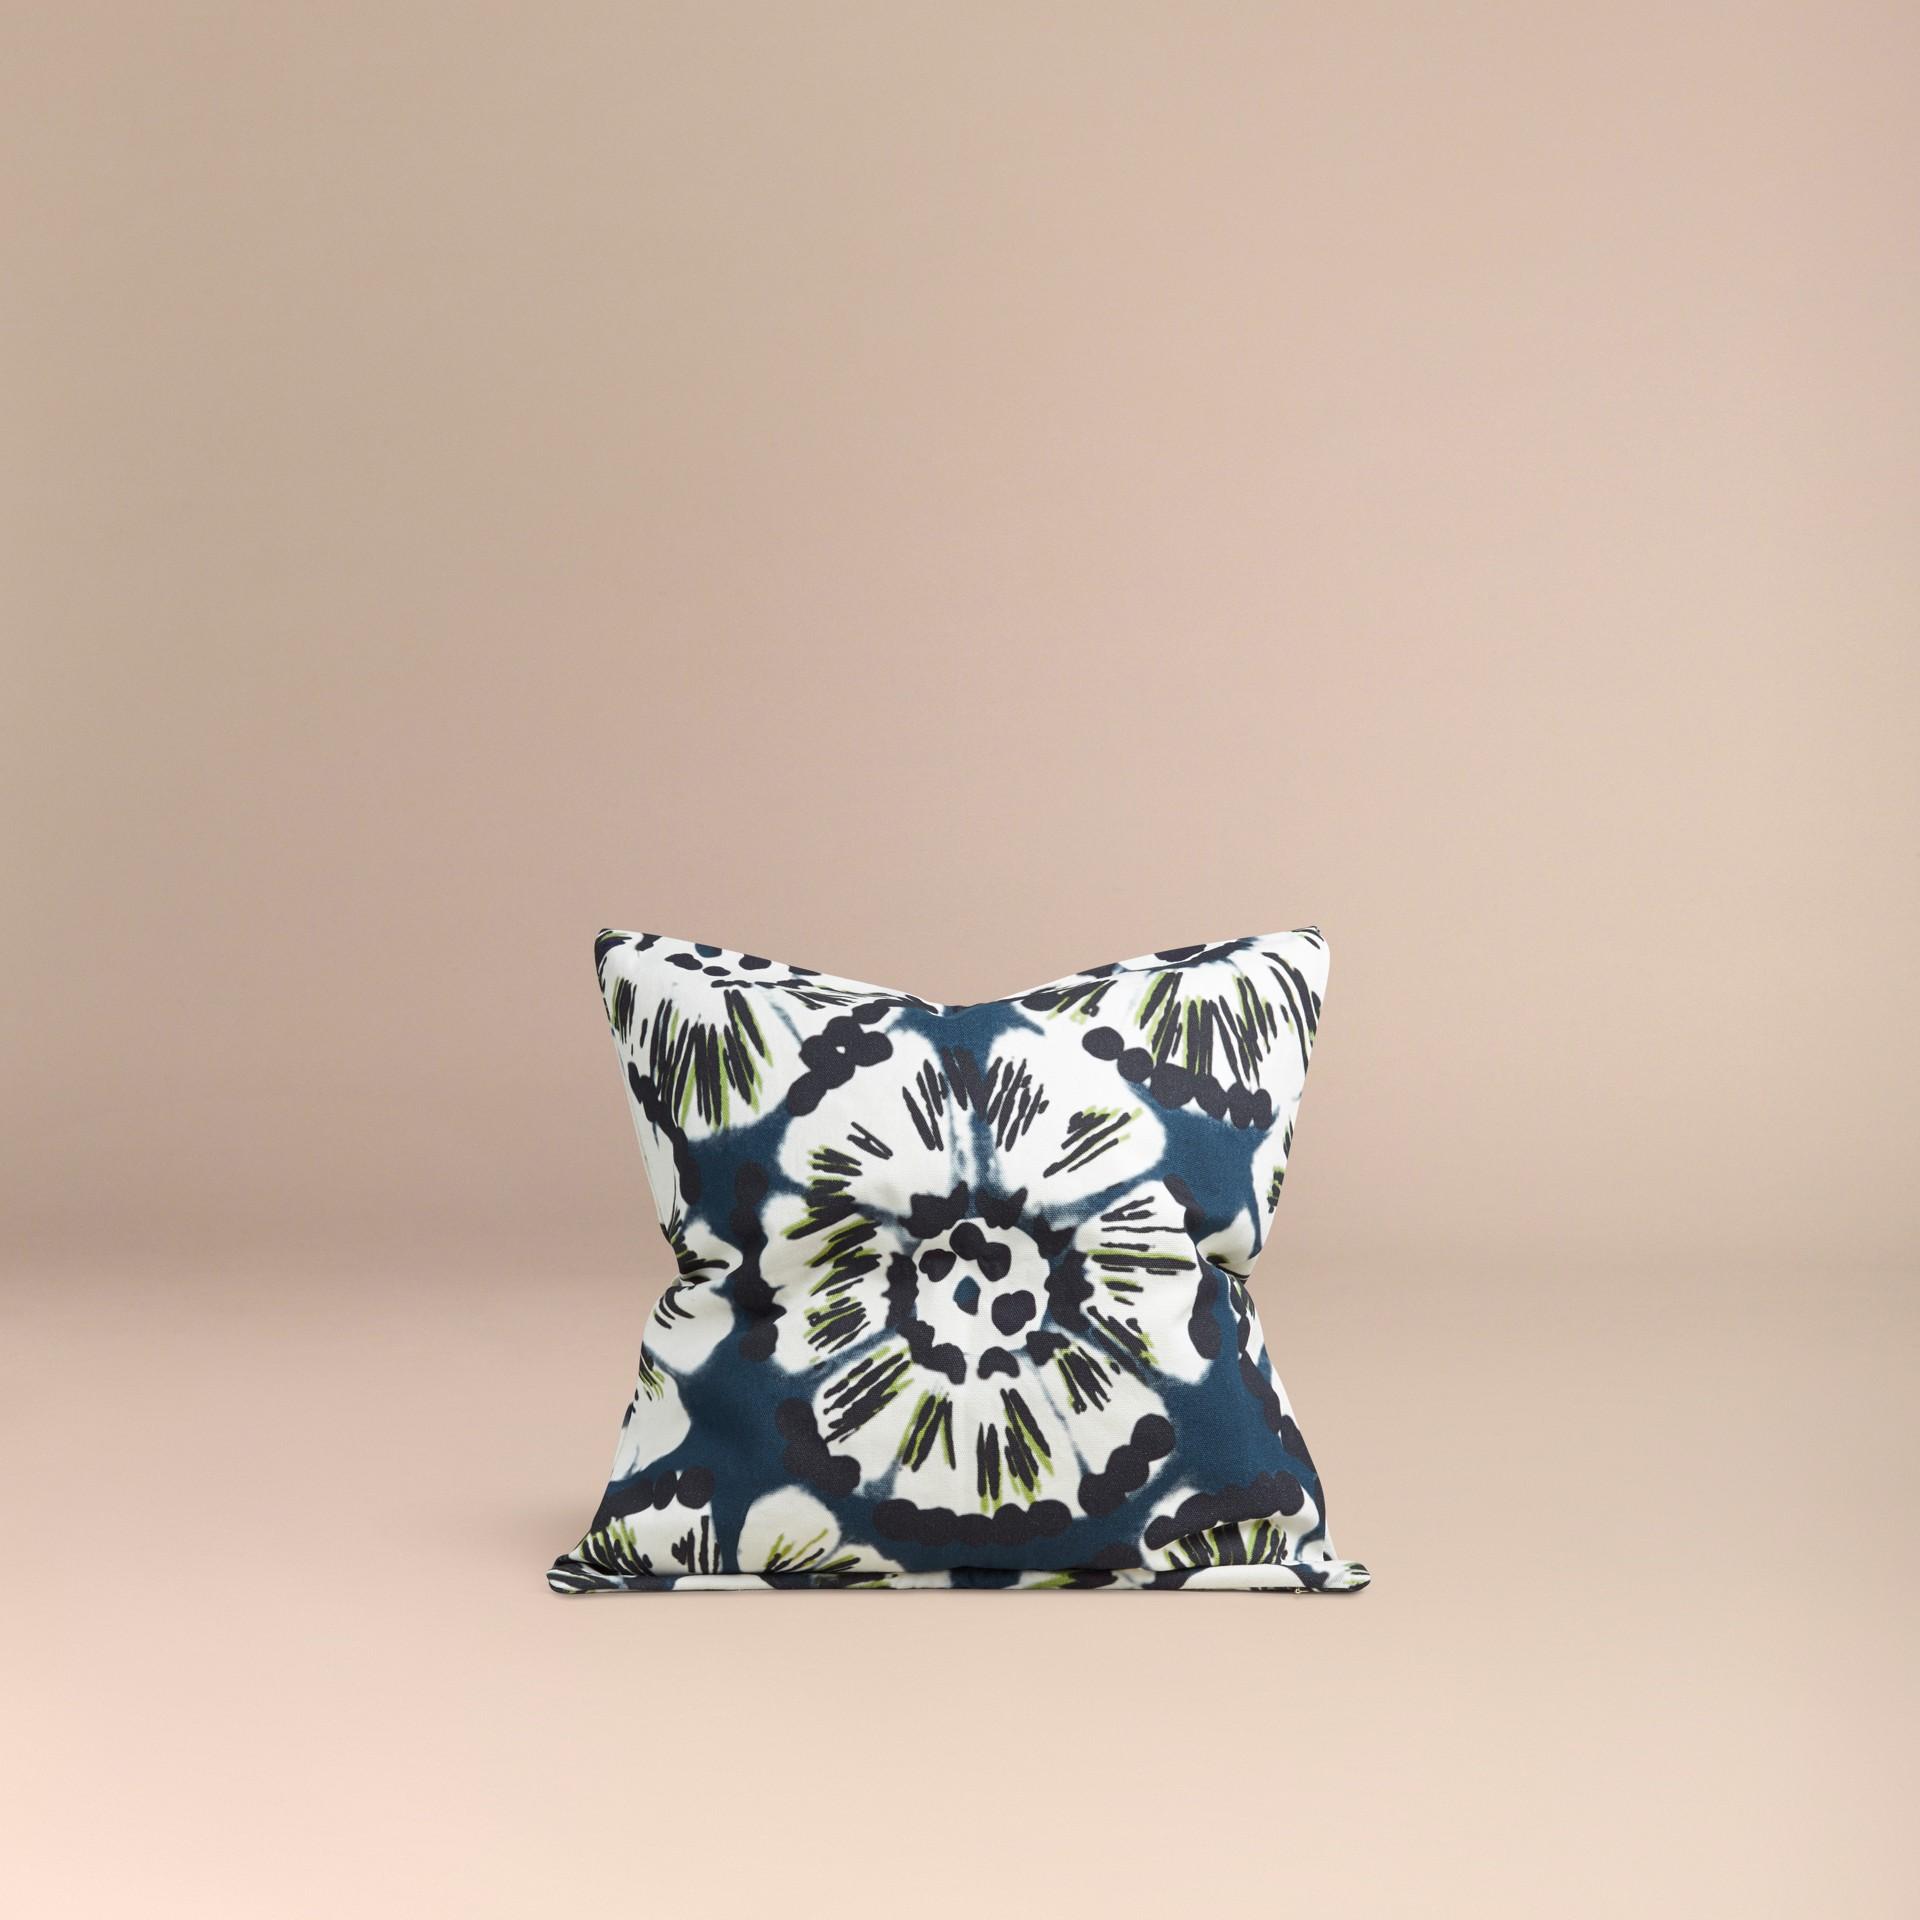 Bleu azur intense Housse de coussin en coton à motif floral façon tie and dye Bleu Azur Intense - photo de la galerie 3